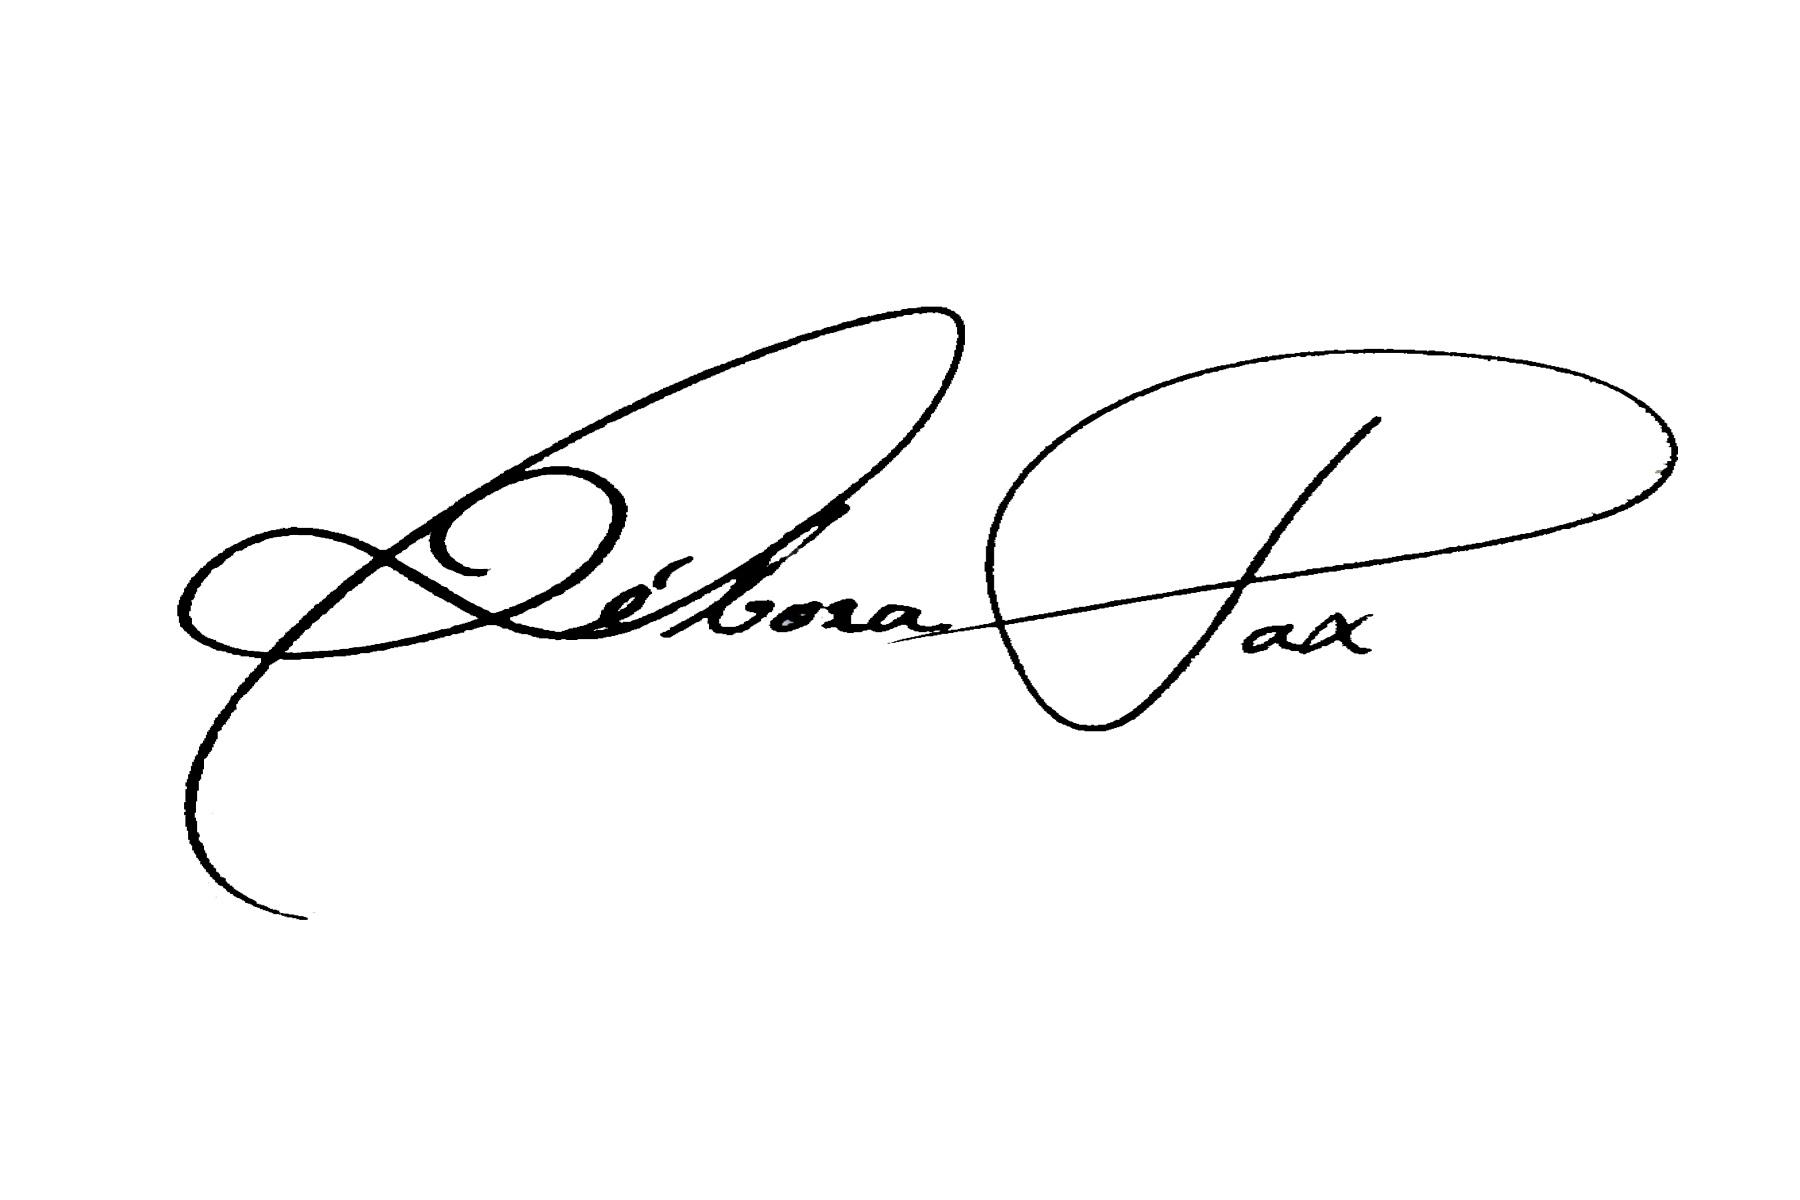 Débora Pax's Signature